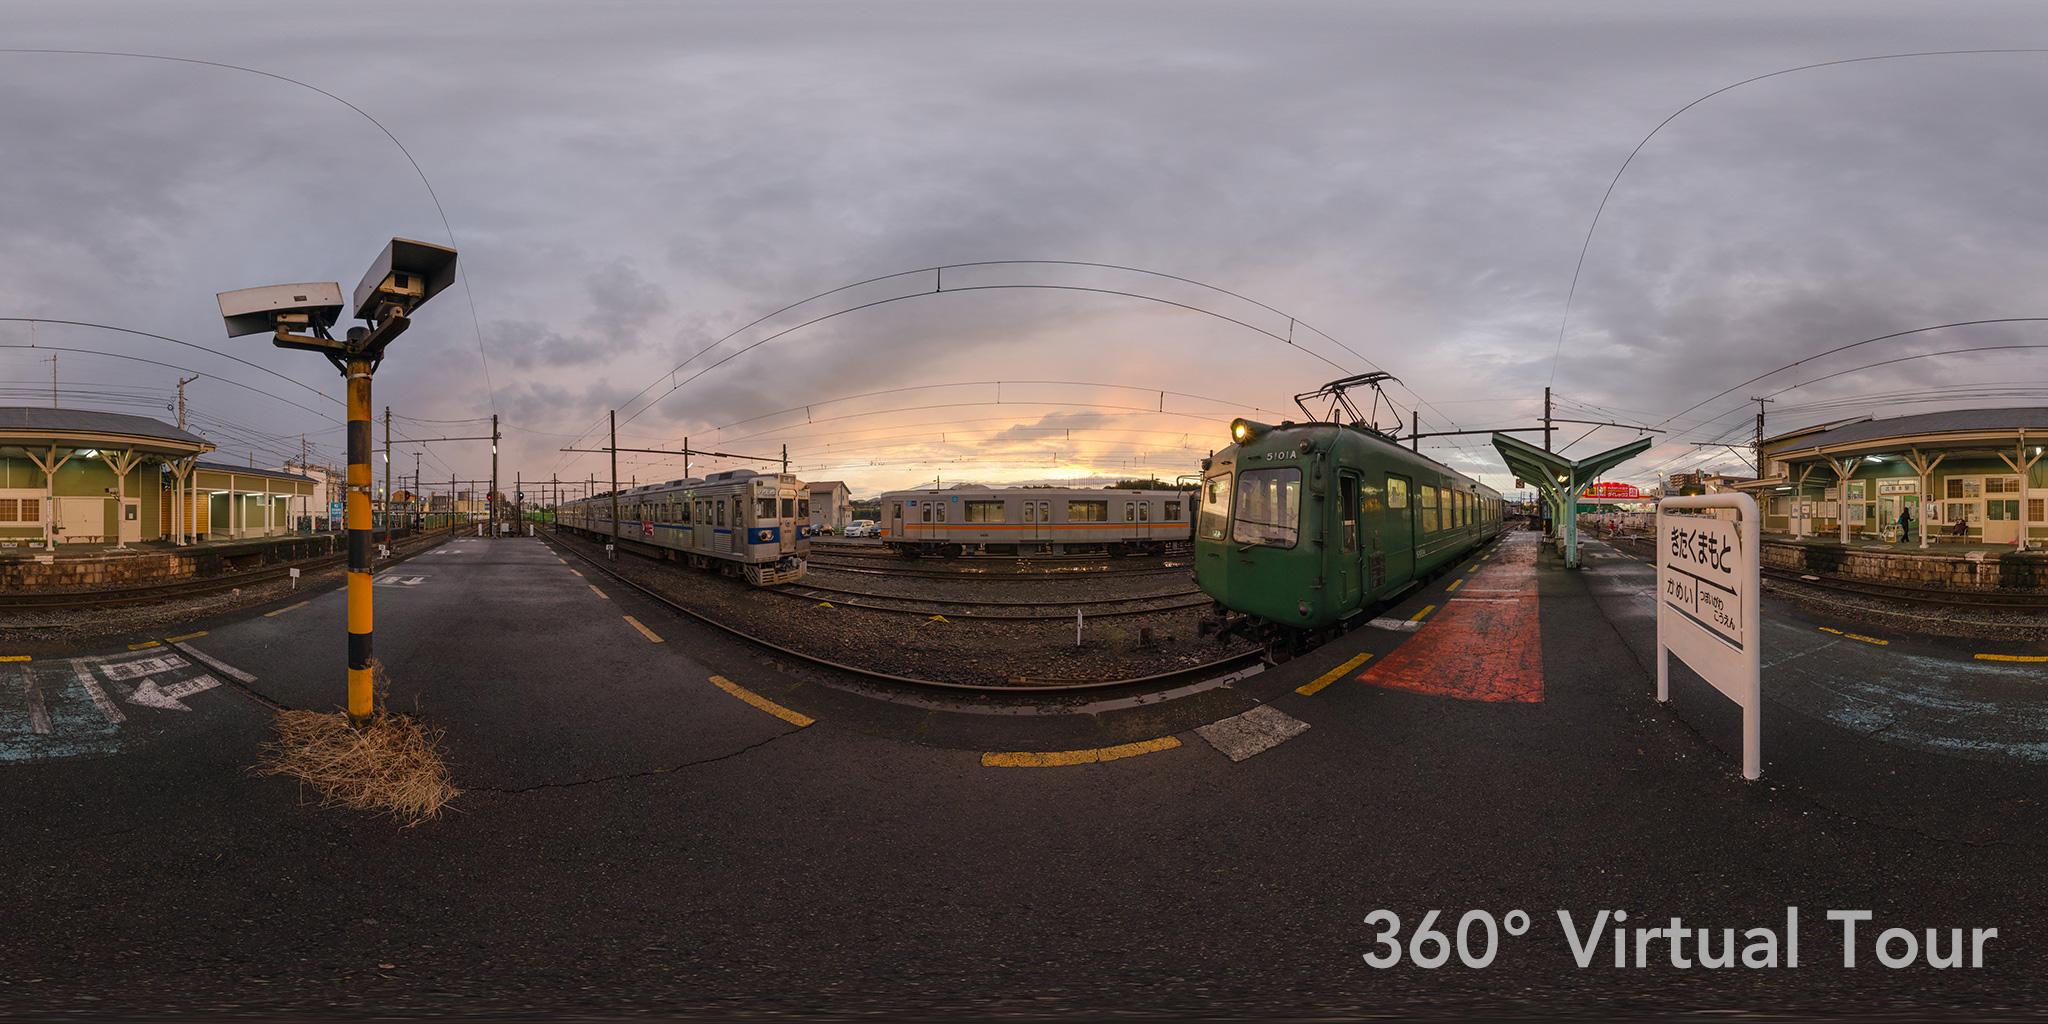 熊本電鉄5000系青ガエルを記録した360度パノラマバーチャルツアー